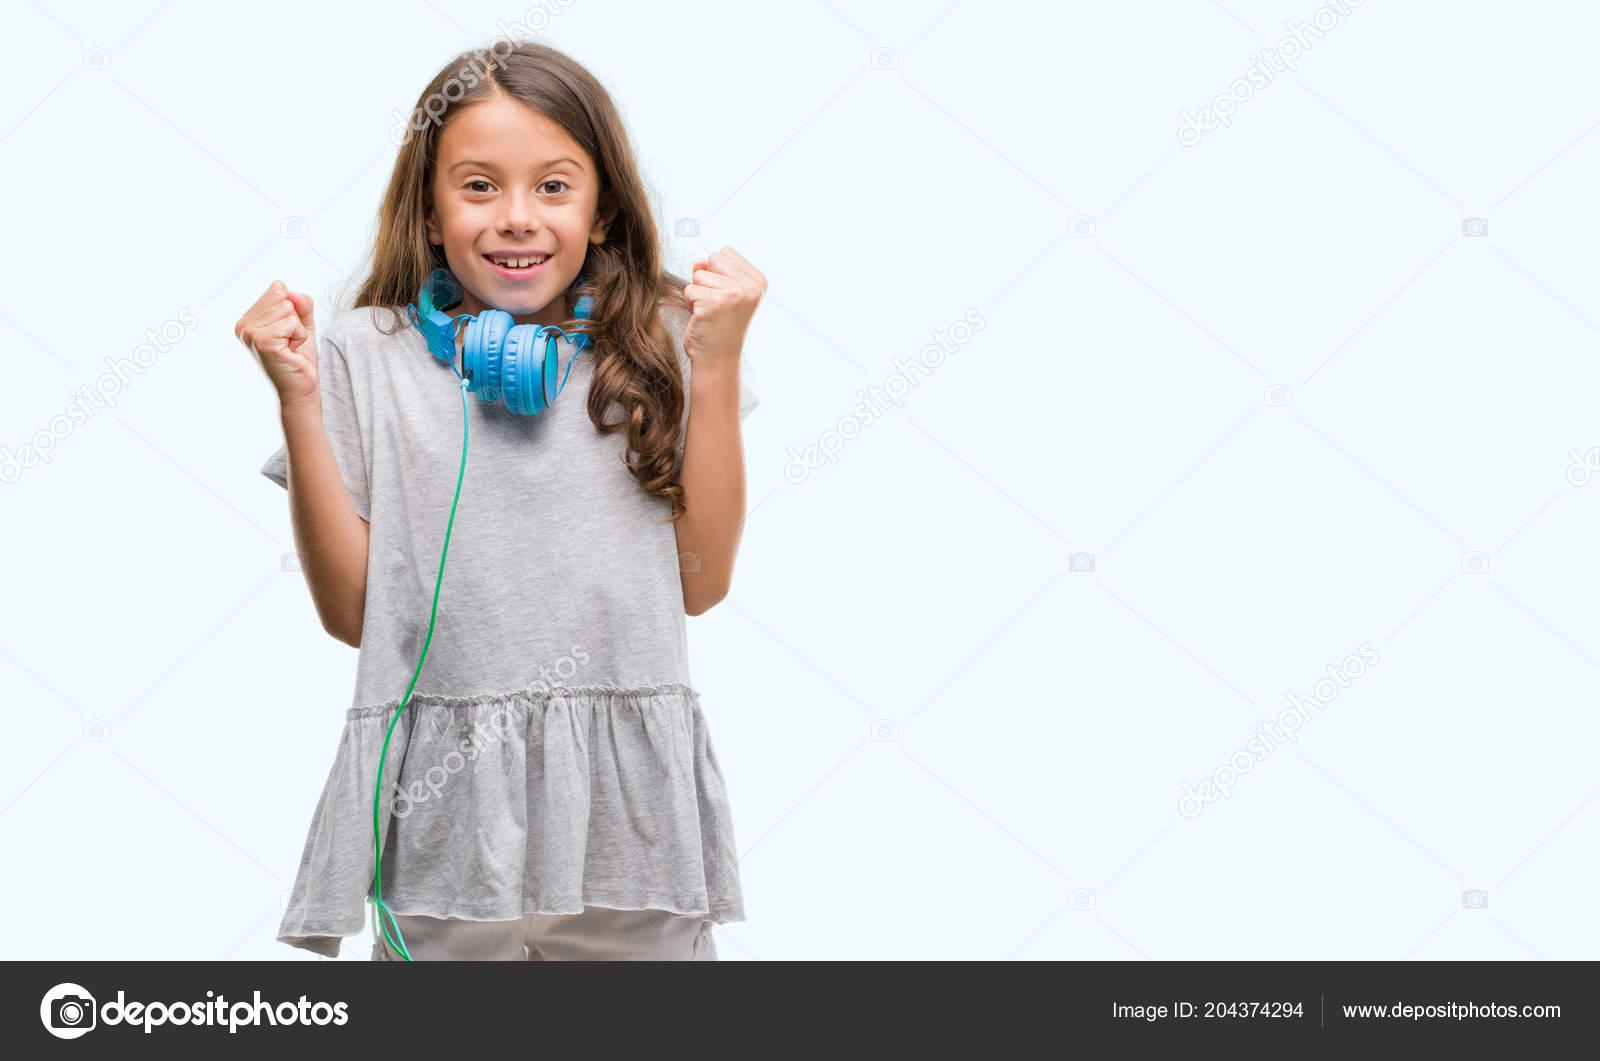 bff395d1509 Μελαχρινή Κορίτσι Ισπανόφωνος Που Φορούν Ακουστικά Ουρλιάζοντας Περήφανος  Και Γιορτάζει — Φωτογραφία Αρχείου